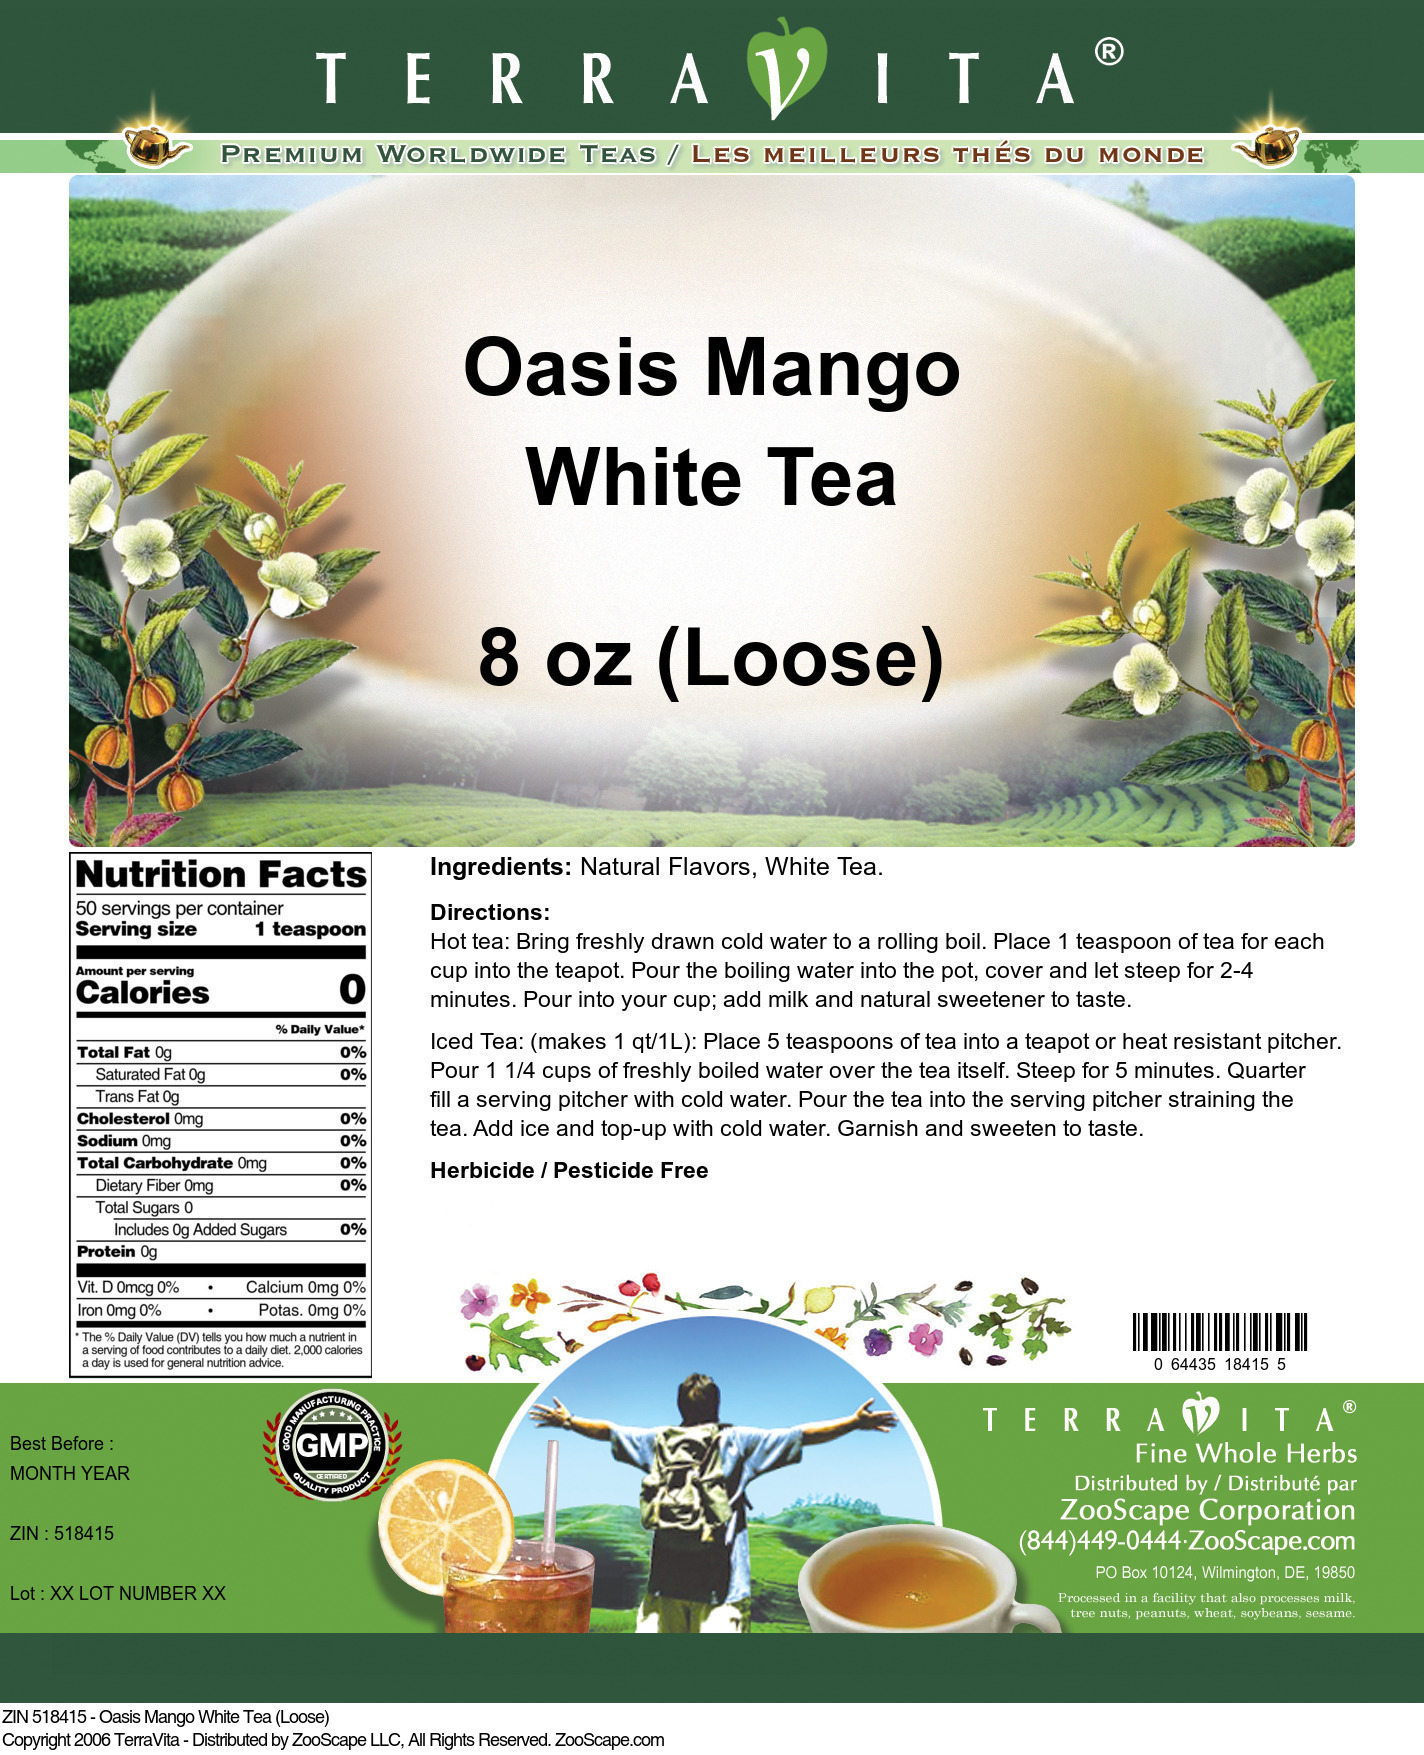 Oasis Mango White Tea